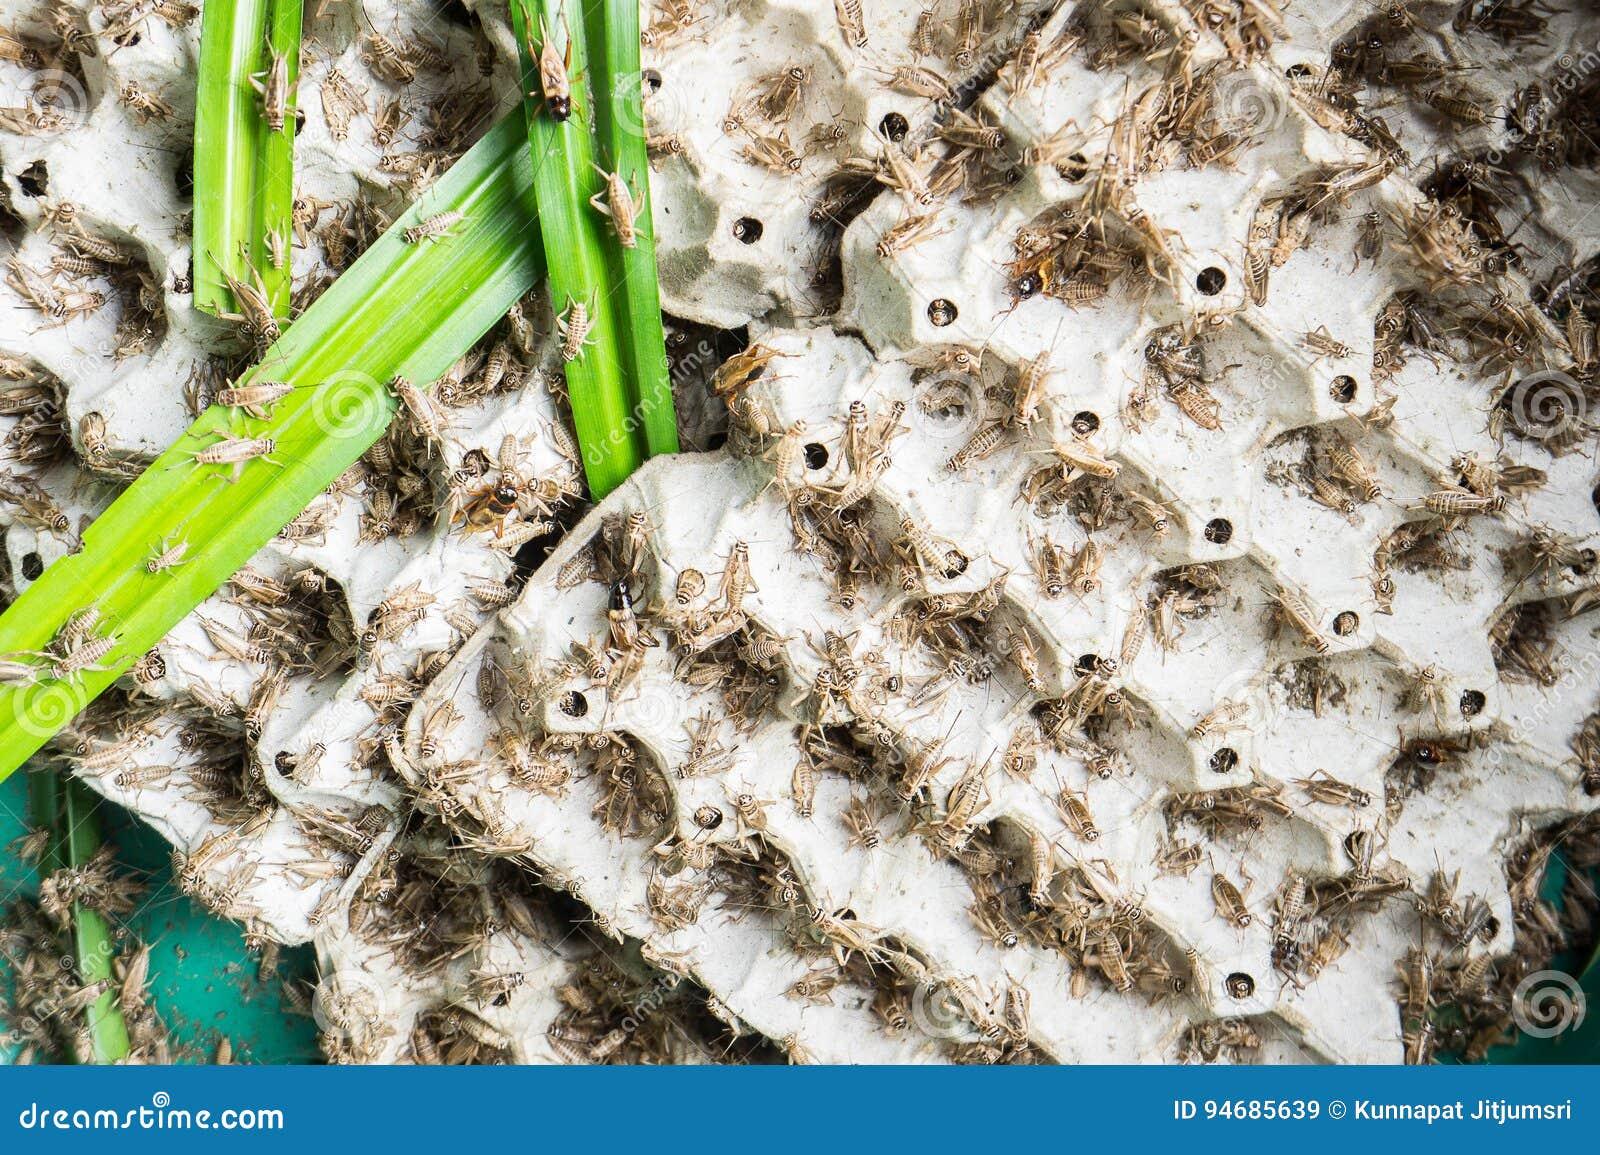 Сверчки, насекомые птицы которые подают для того чтобы зажарить и съесть как закуска